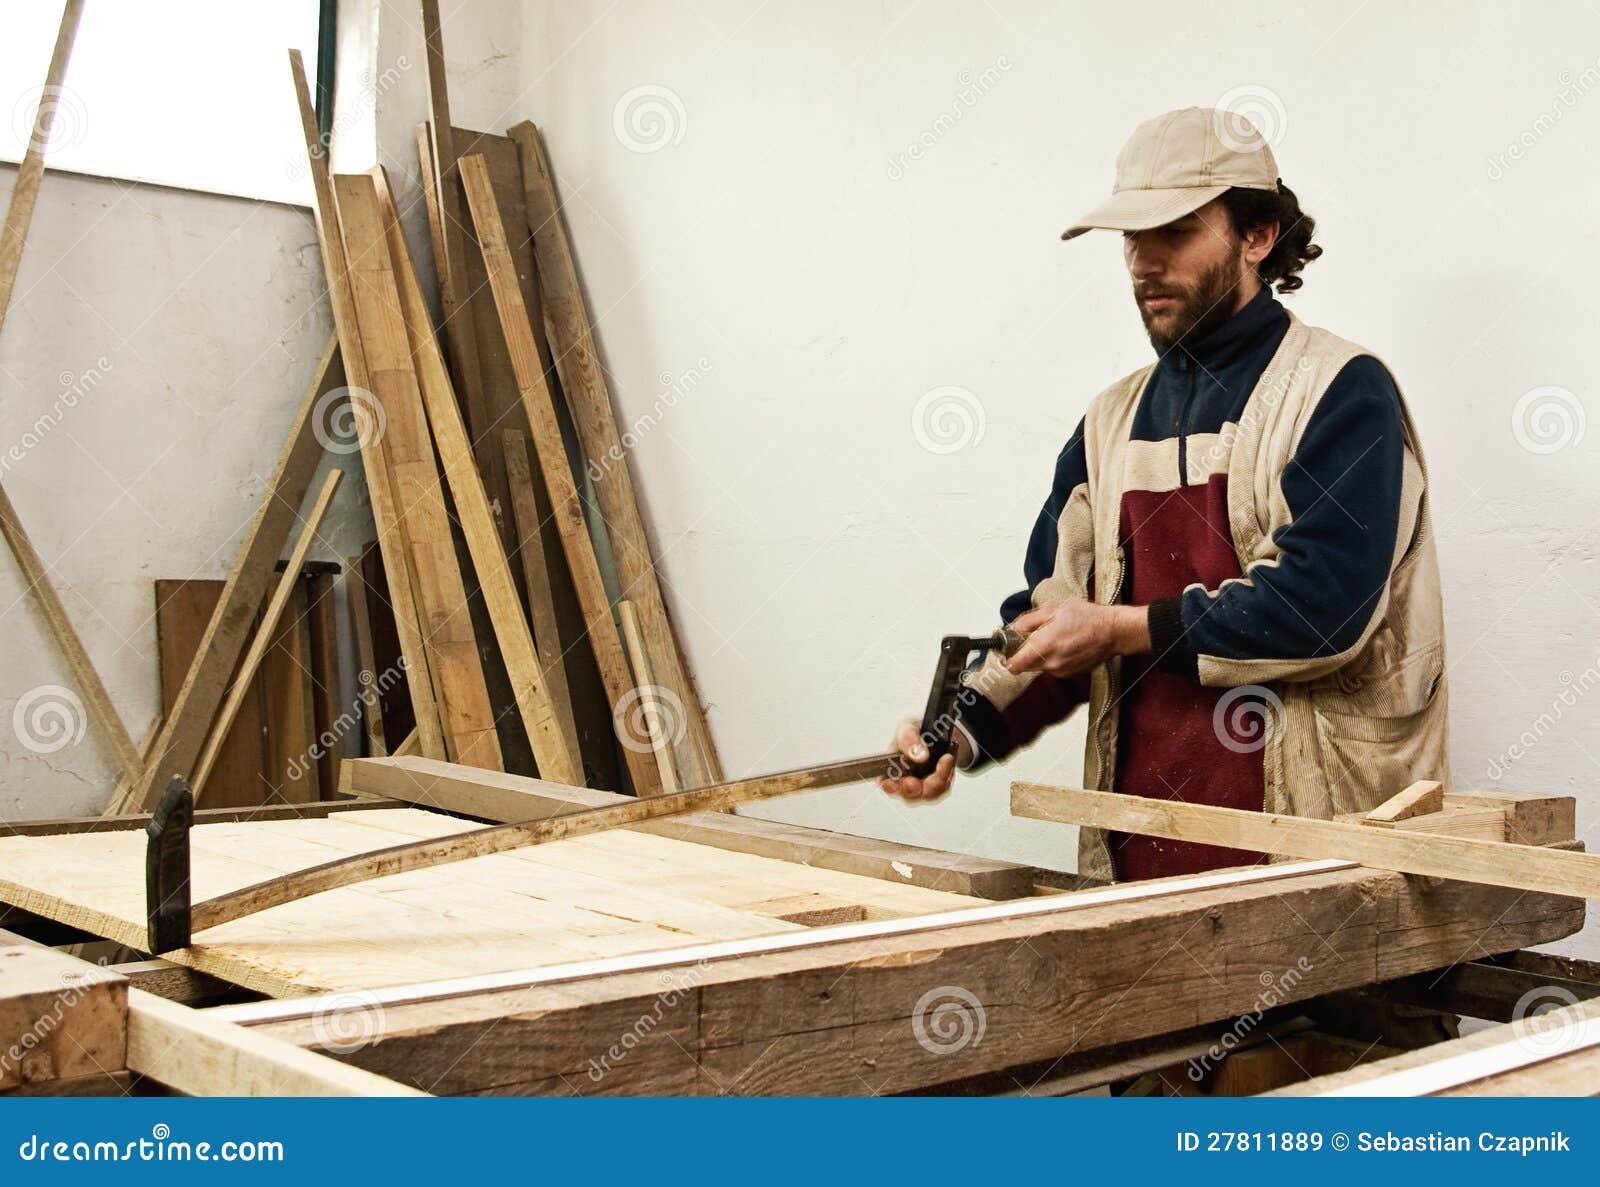 Carpenter Making Furniture Royalty Free Stock Images - Image: 27811889